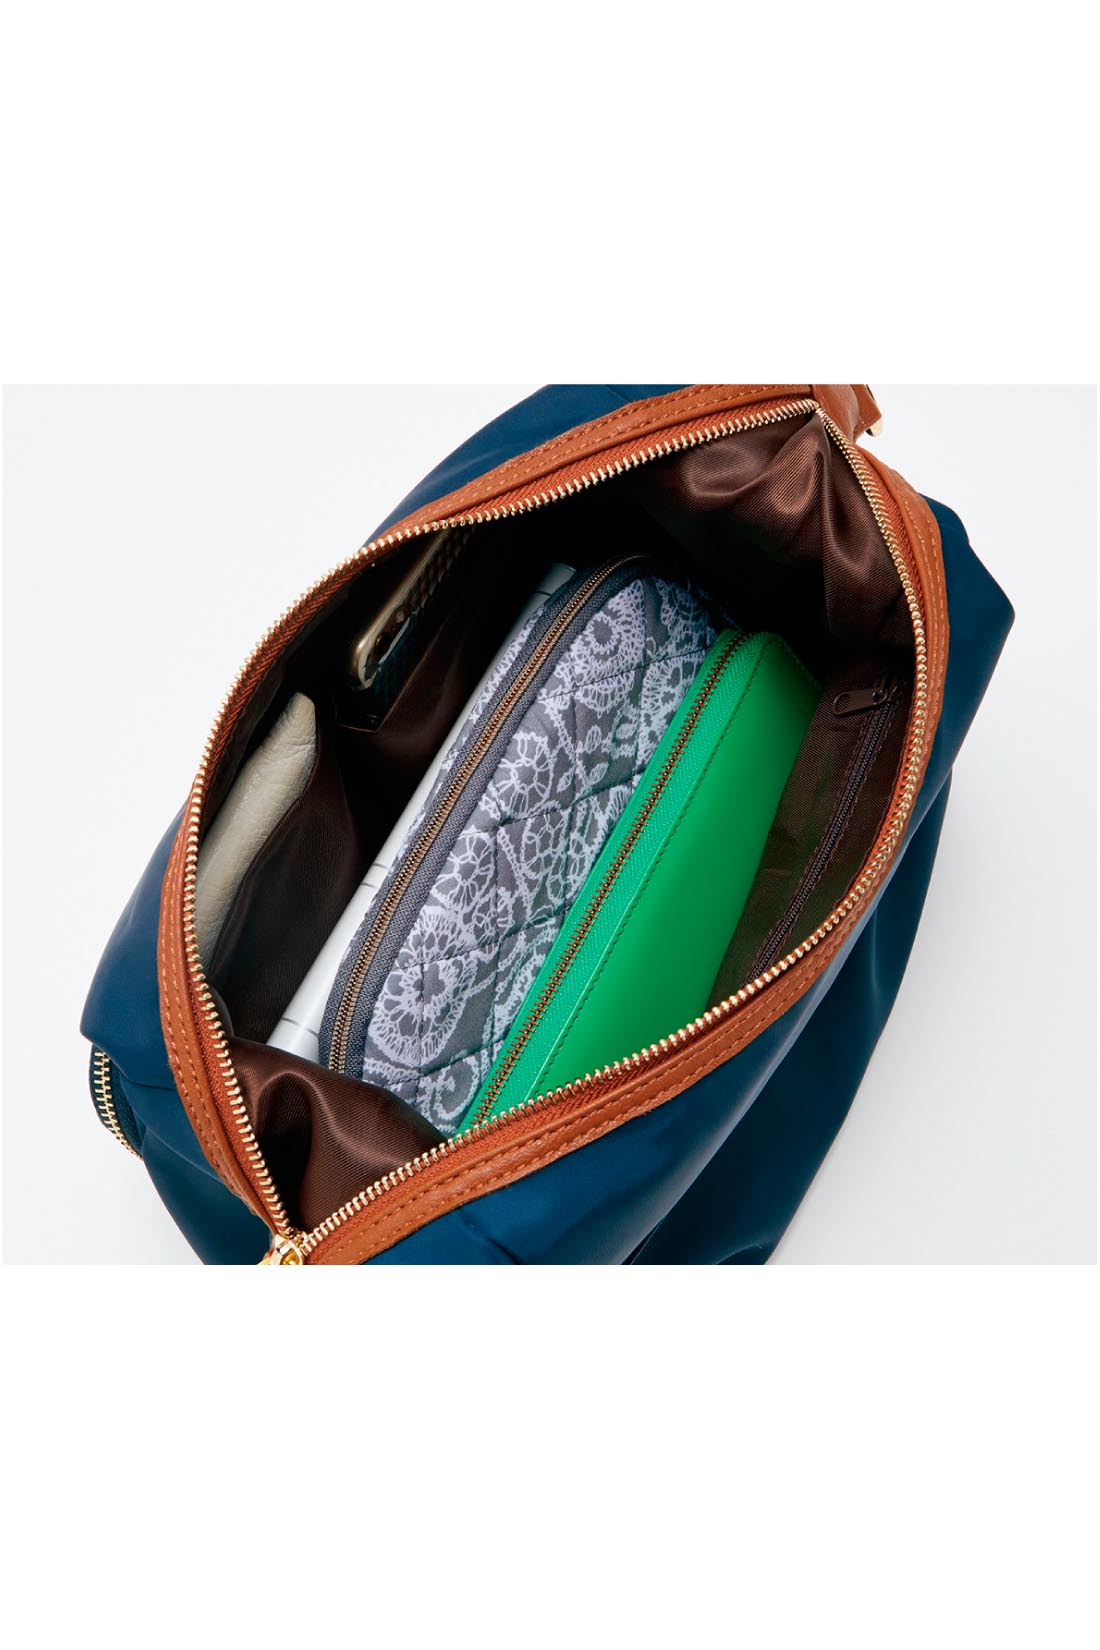 充実の内ポケット バッグ内迷子になりやすい細々アイテムは、内ポケットに小分けしながら、整理整とん。